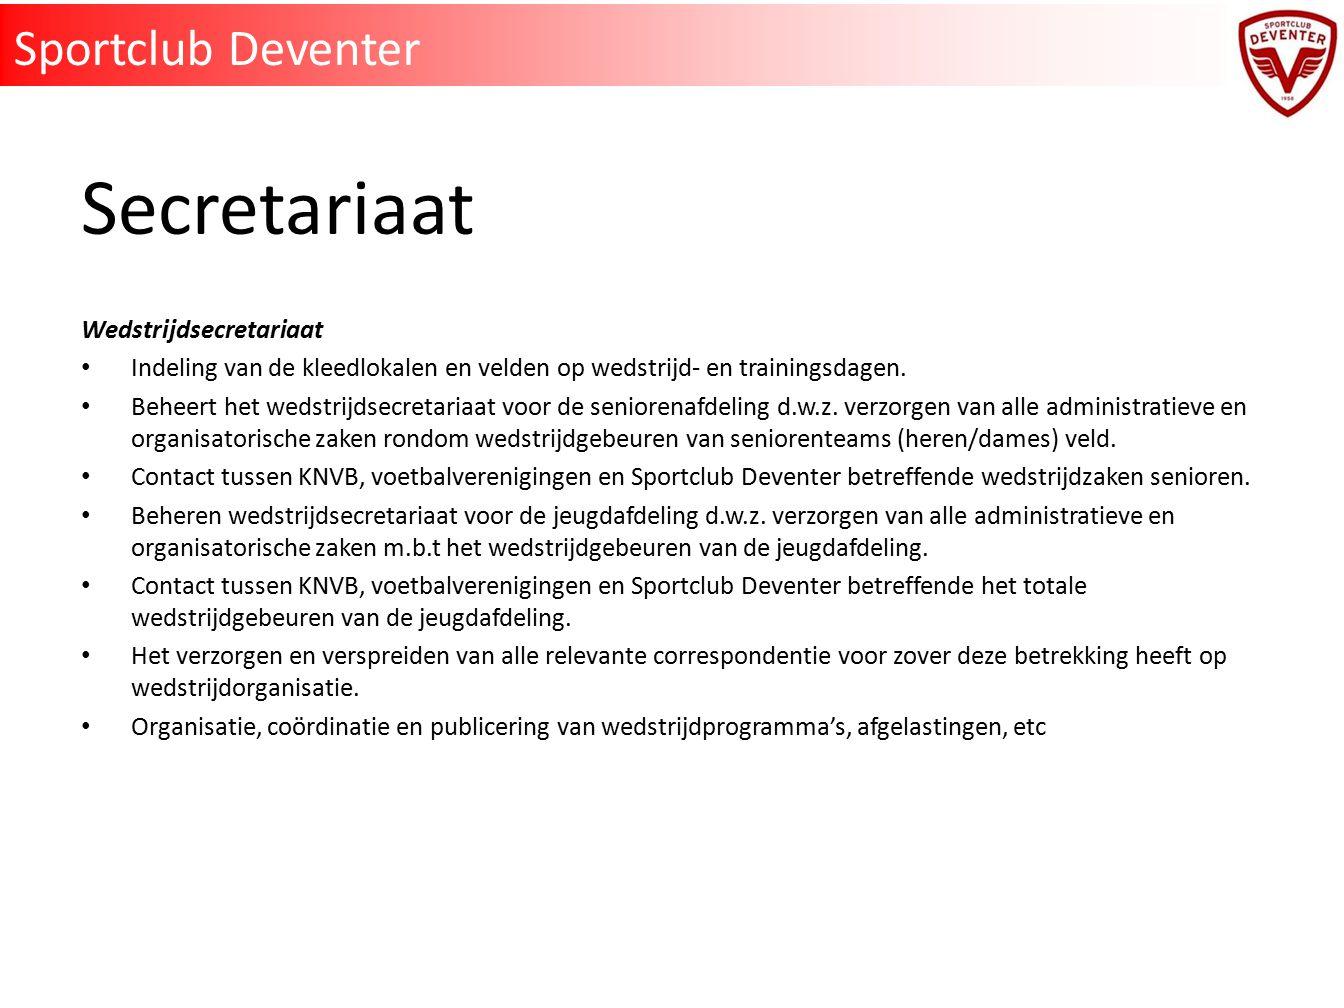 Secretariaat Sportclub Deventer Wedstrijdsecretariaat